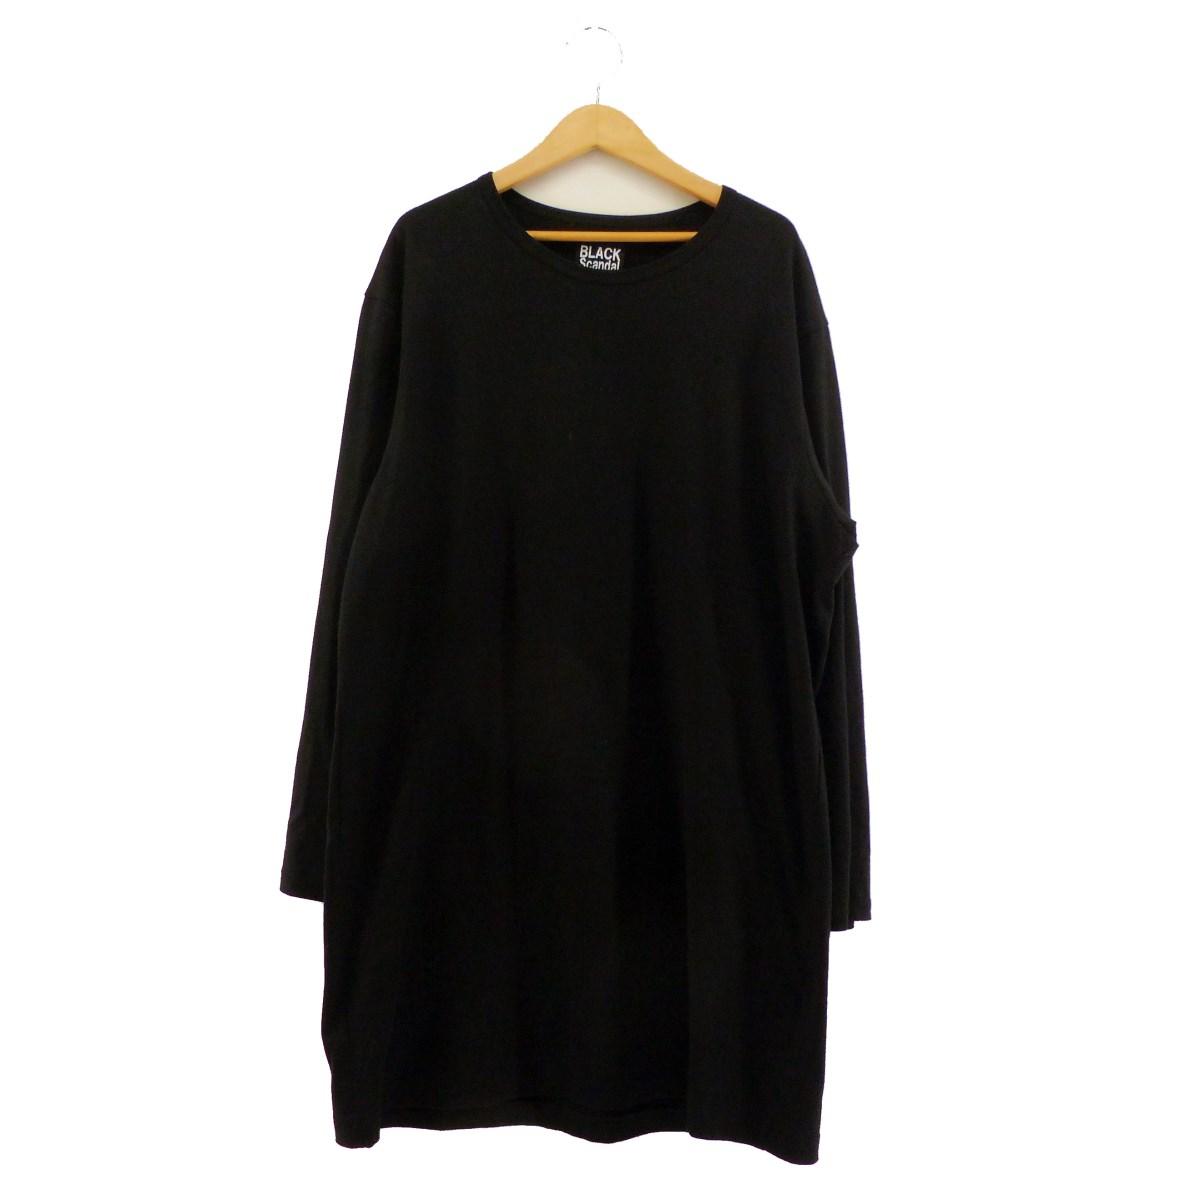 【中古】BLACK Scandal Yohji Yamamoto 2019AW バックプリントロングカットソー ブラック サイズ:3 【220220】(ブラックスキャンダルヨウジヤマモト)